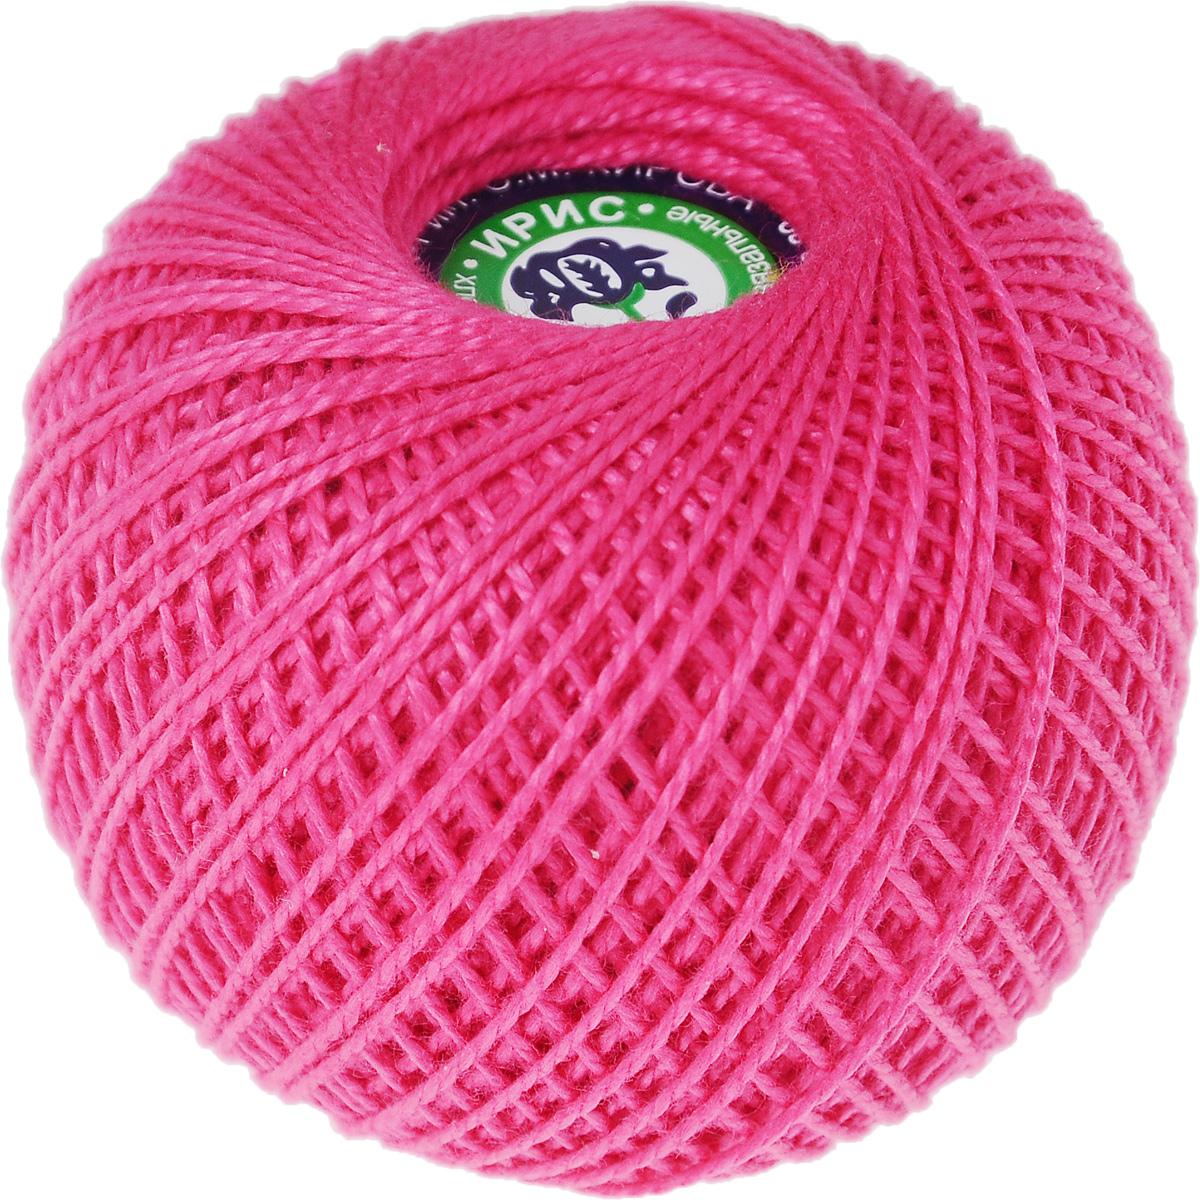 Нитки вязальные Ирис, хлопчатобумажные, цвет: ярко-розовый (1110), 150 м, 25 г, 6 шт0211101950778Вязальные нитки в 2 сложения Ирис изготовлены из 100% хлопка. Такие нитки используются для вязания крючком. Нити крученые, однотонные, мерсеризованные. В наборе - 6 клубков. С их помощью вы сможете связать своими руками необычные и красивые вещи. Комплектация: 6 шт. Линейная плотность: 167 текс.